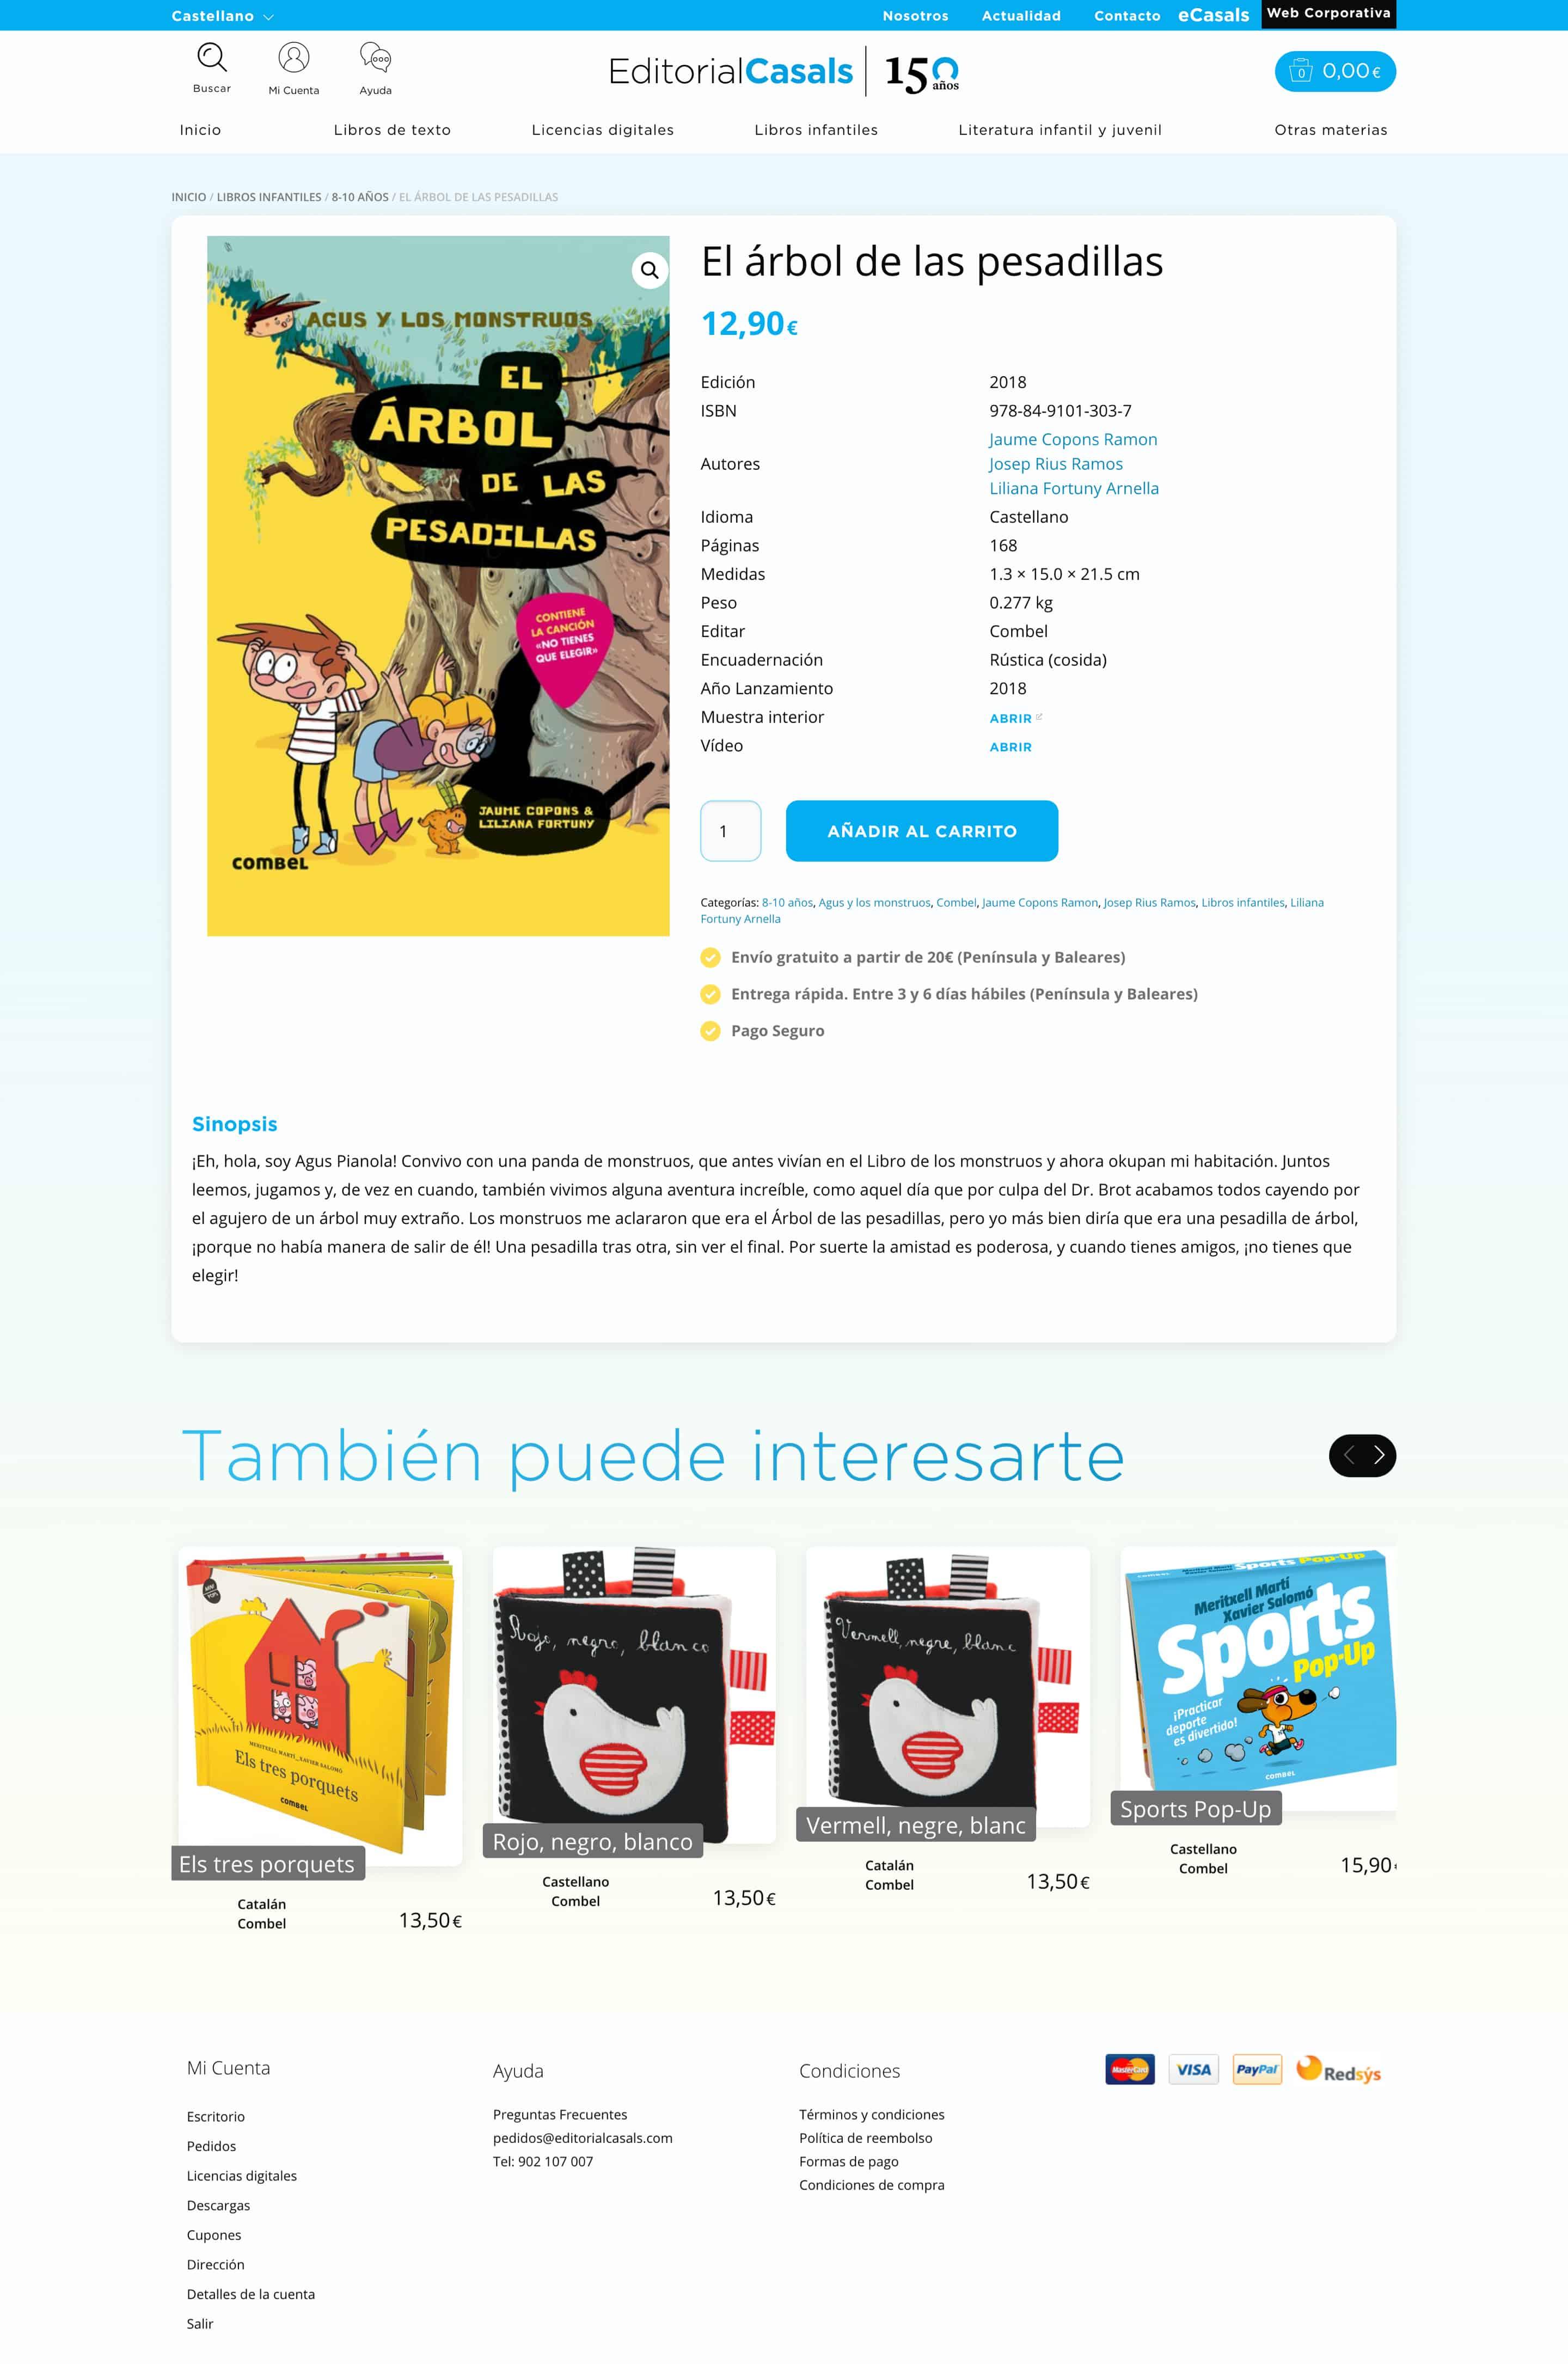 tienda online Editorial Casals